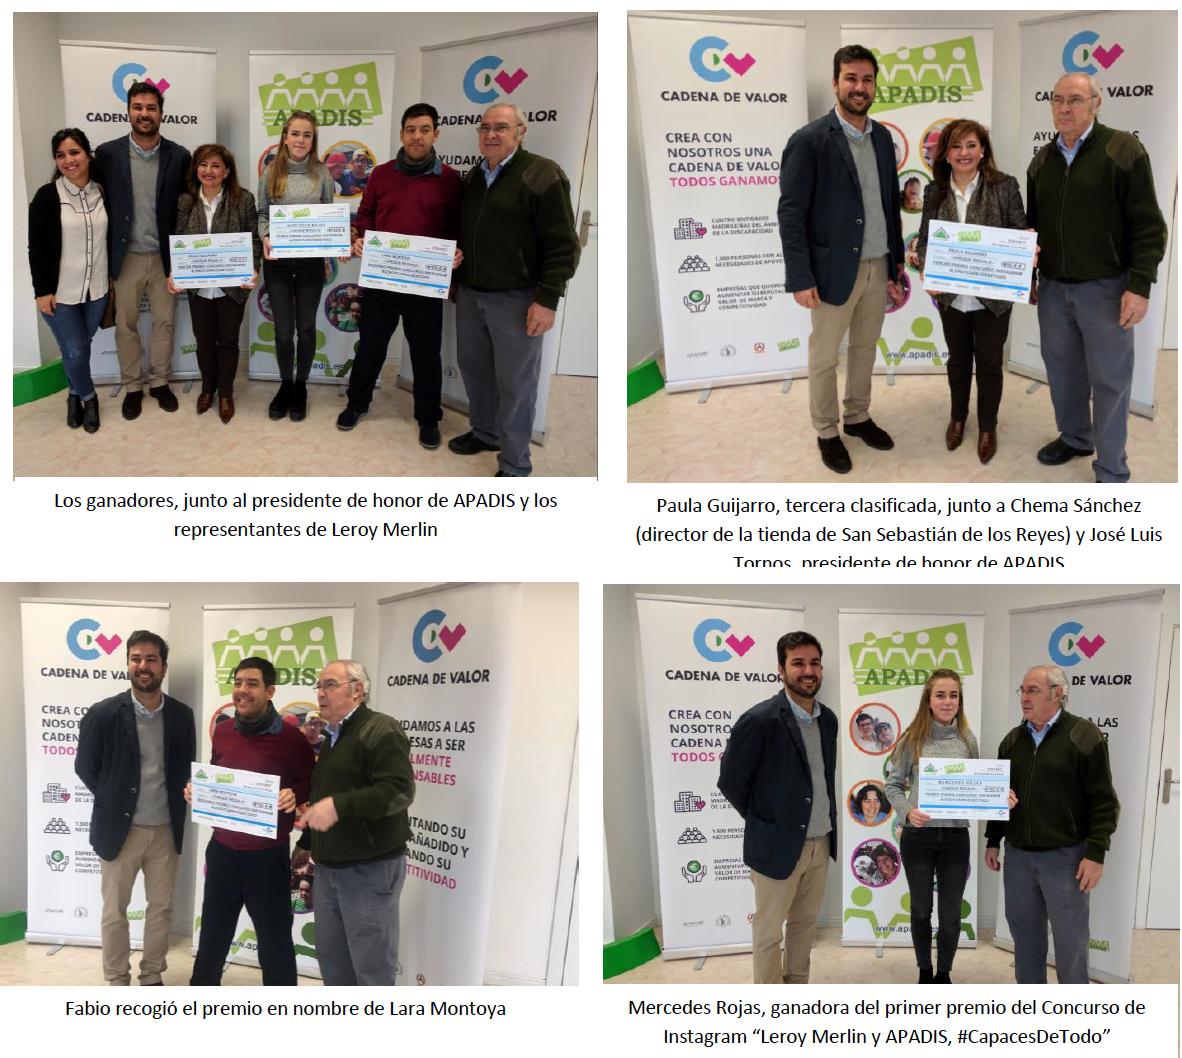 """Los premios del I Concurso de Instagram """"Leroy Merlin y APADIS, capaces de todo"""" se entregan en San Sebastián de los Reyes"""